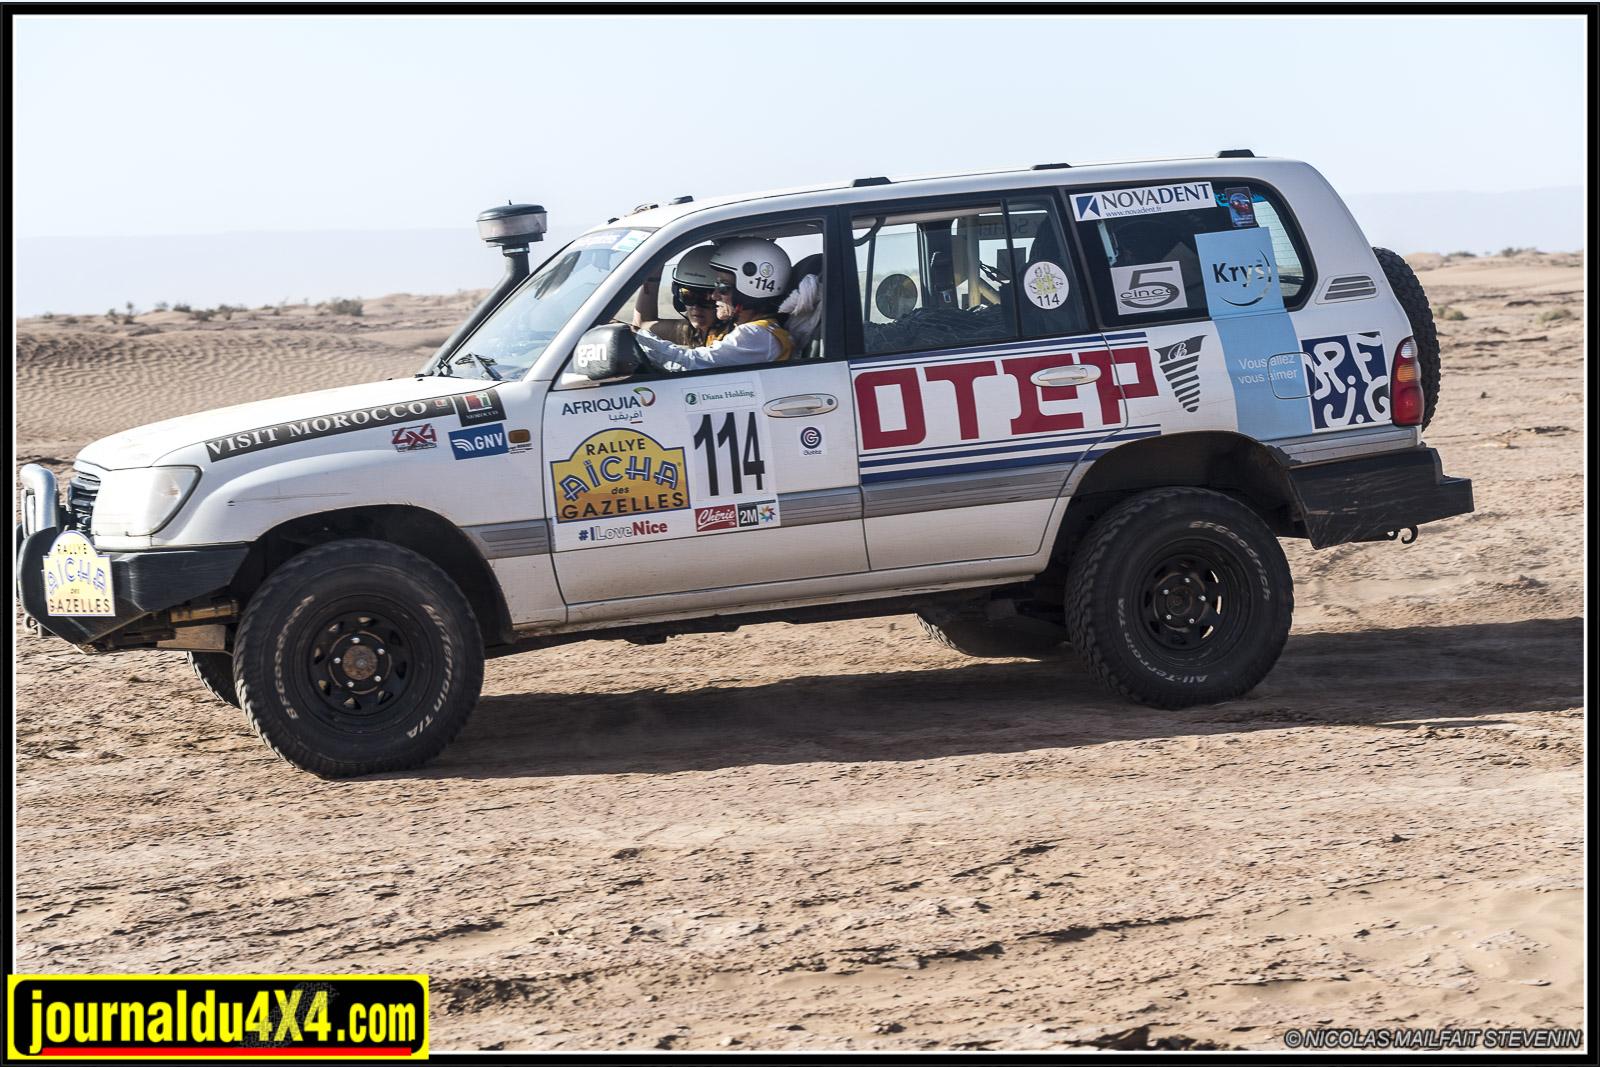 rallye-aicha-gazelles-maroc-2017-7291.jpg